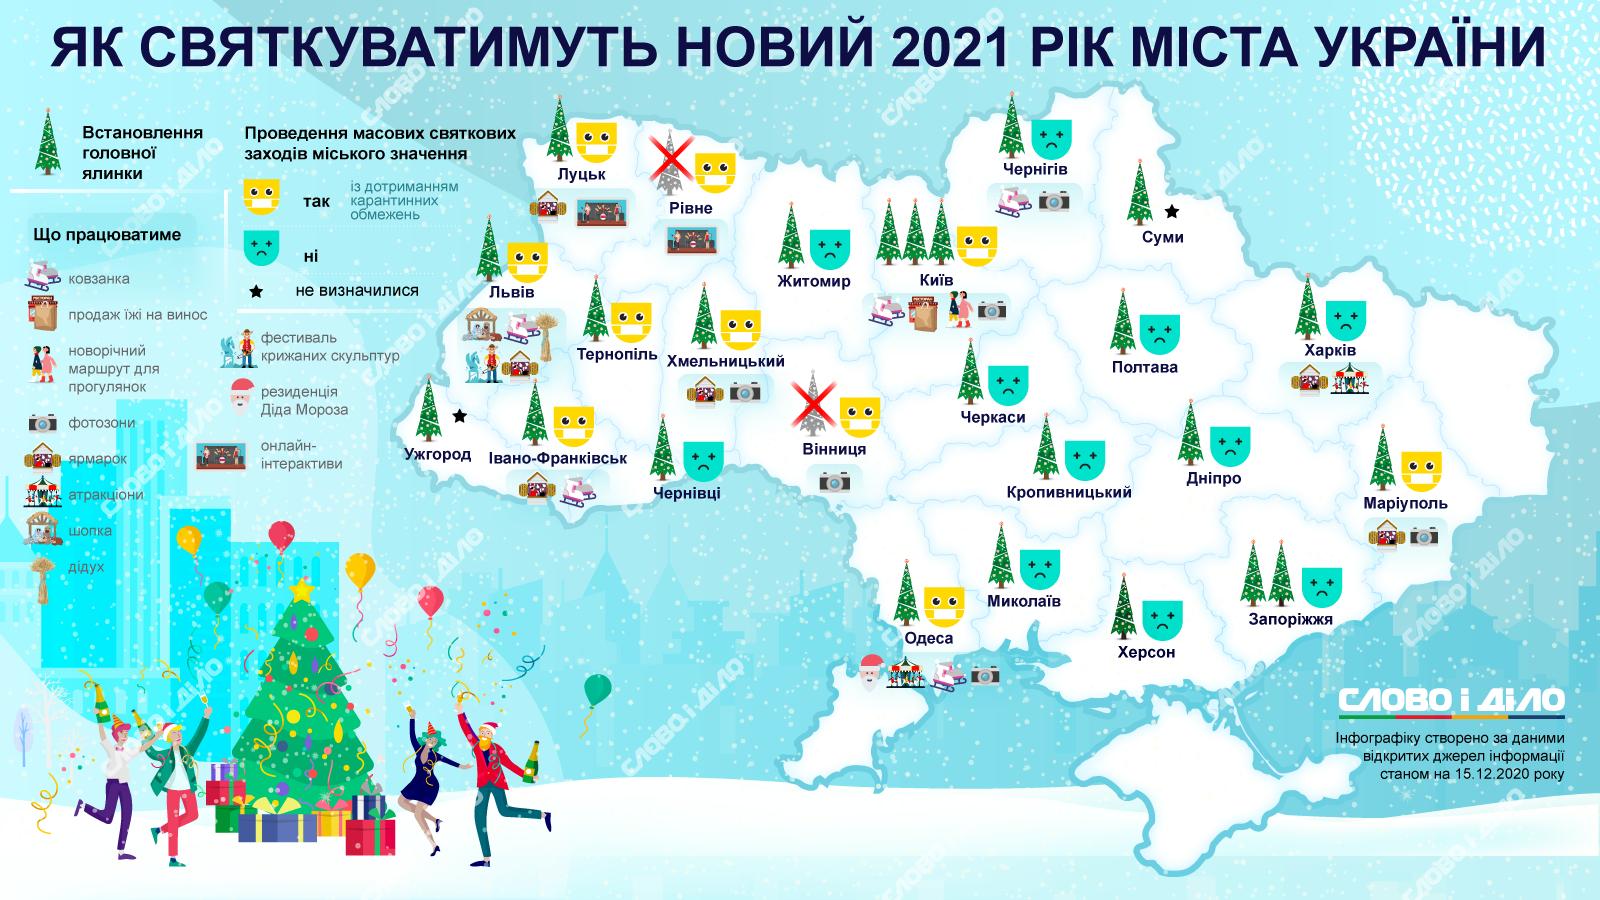 В большинстве украинских областных центров к празднику будет установлена новогодняя елка,